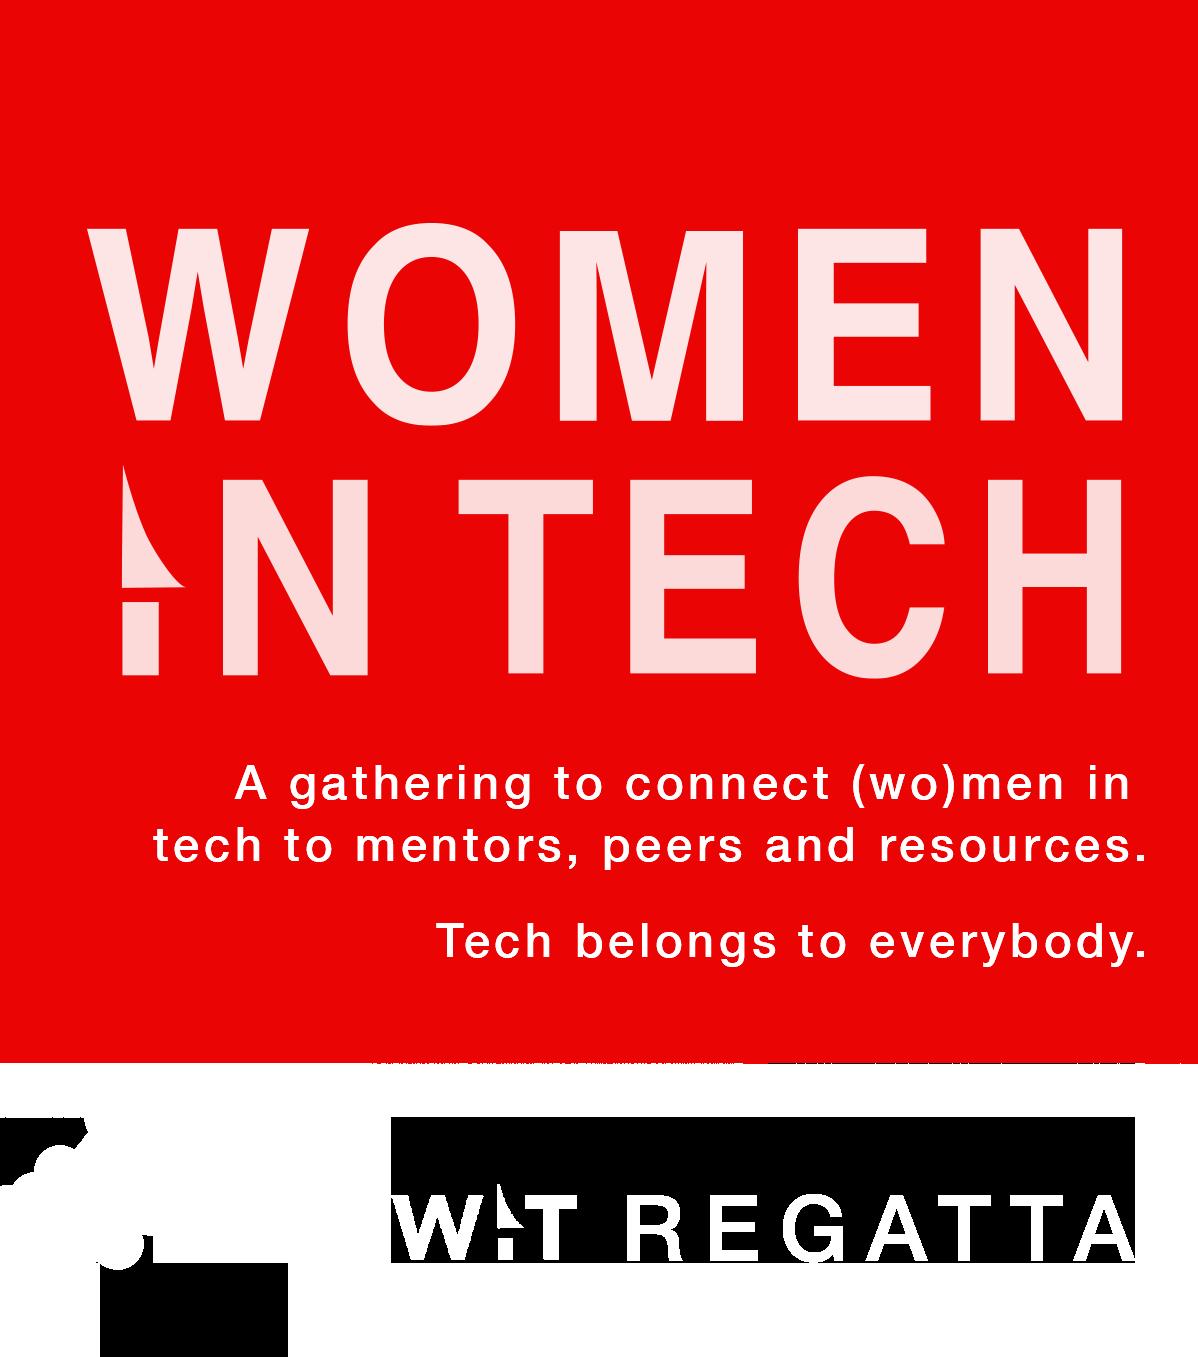 Women in Tech (WiT) Regatta